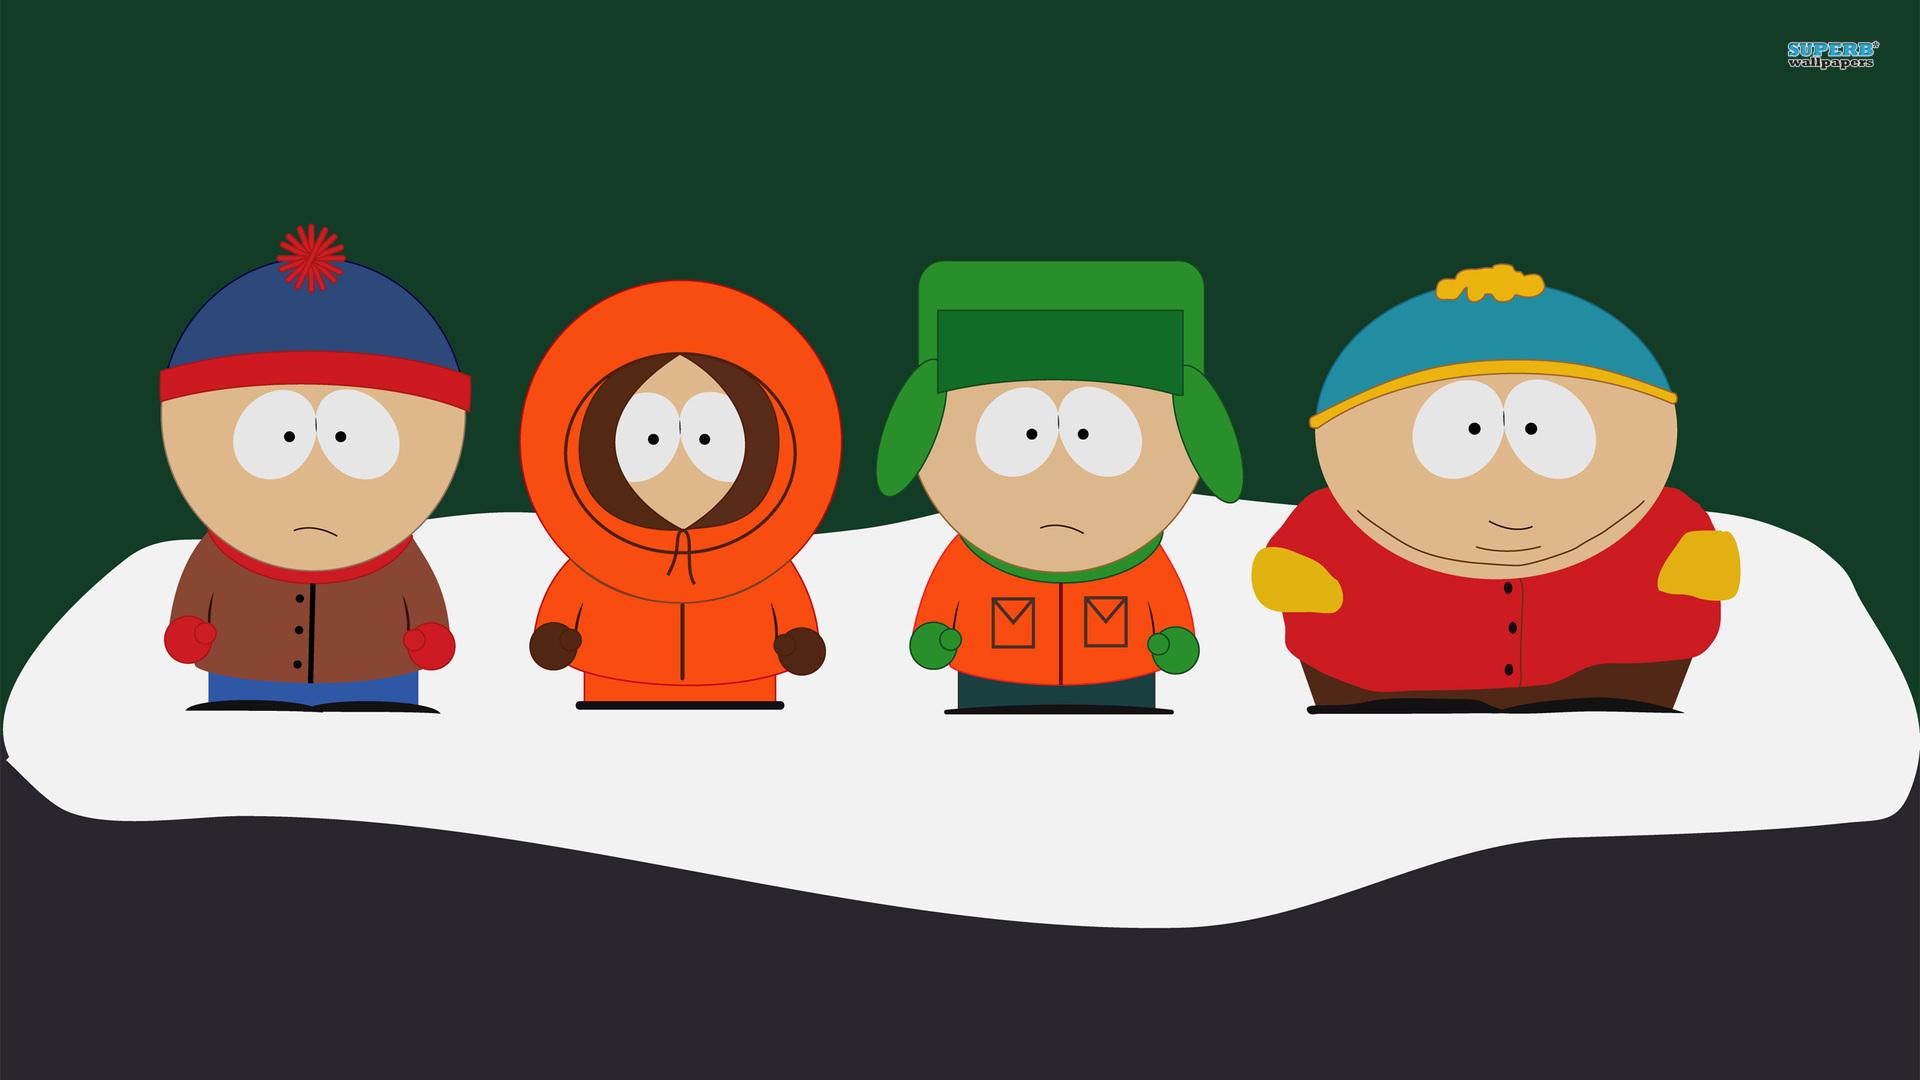 South Park Wallpaper   Desktop Backgrounds 1920x1080